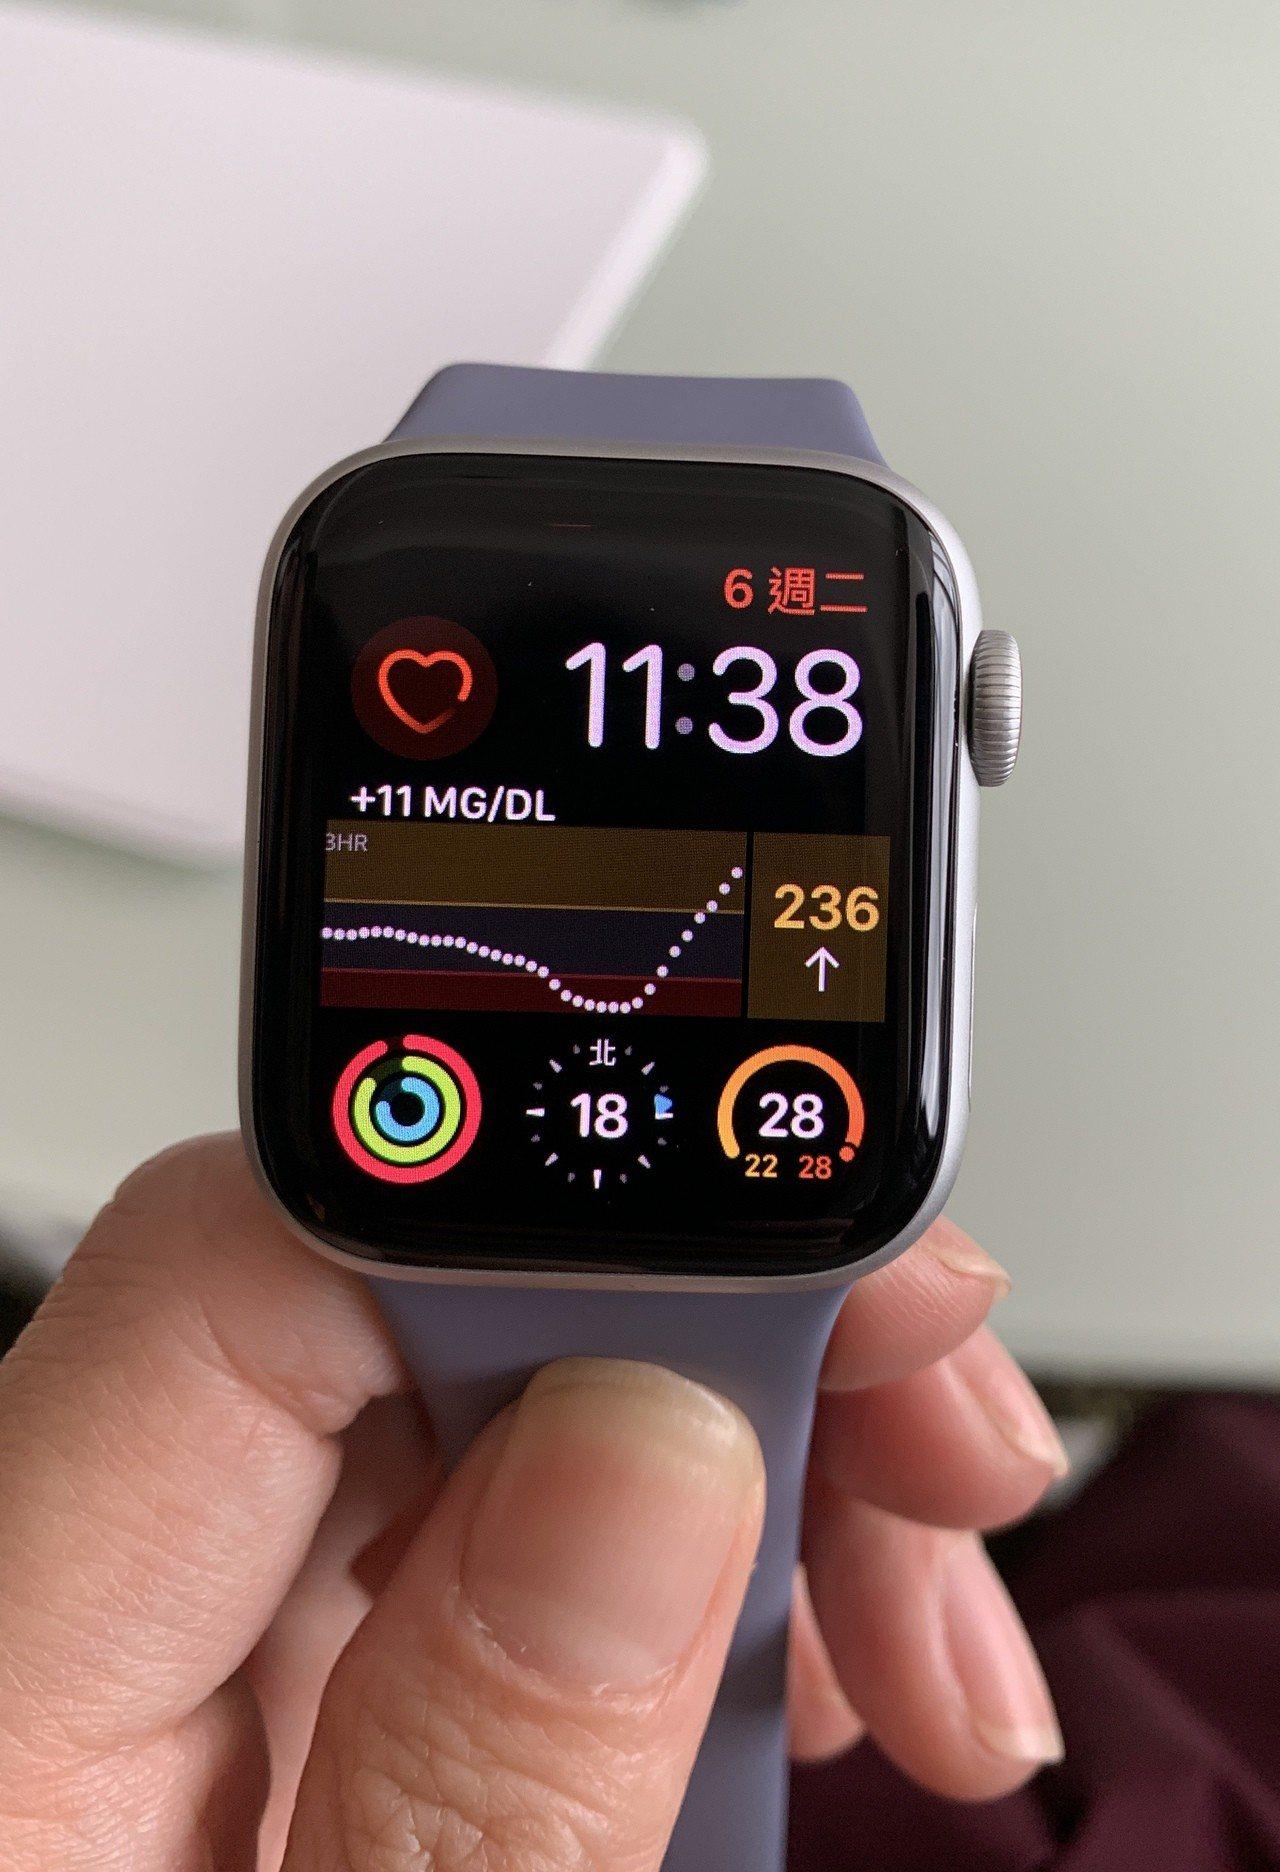 新 的 圖文 組合 錶面, 可以 呈現 更 完整 的 視覺 化 資訊. 記者 黃 筱 晴 / 攝影